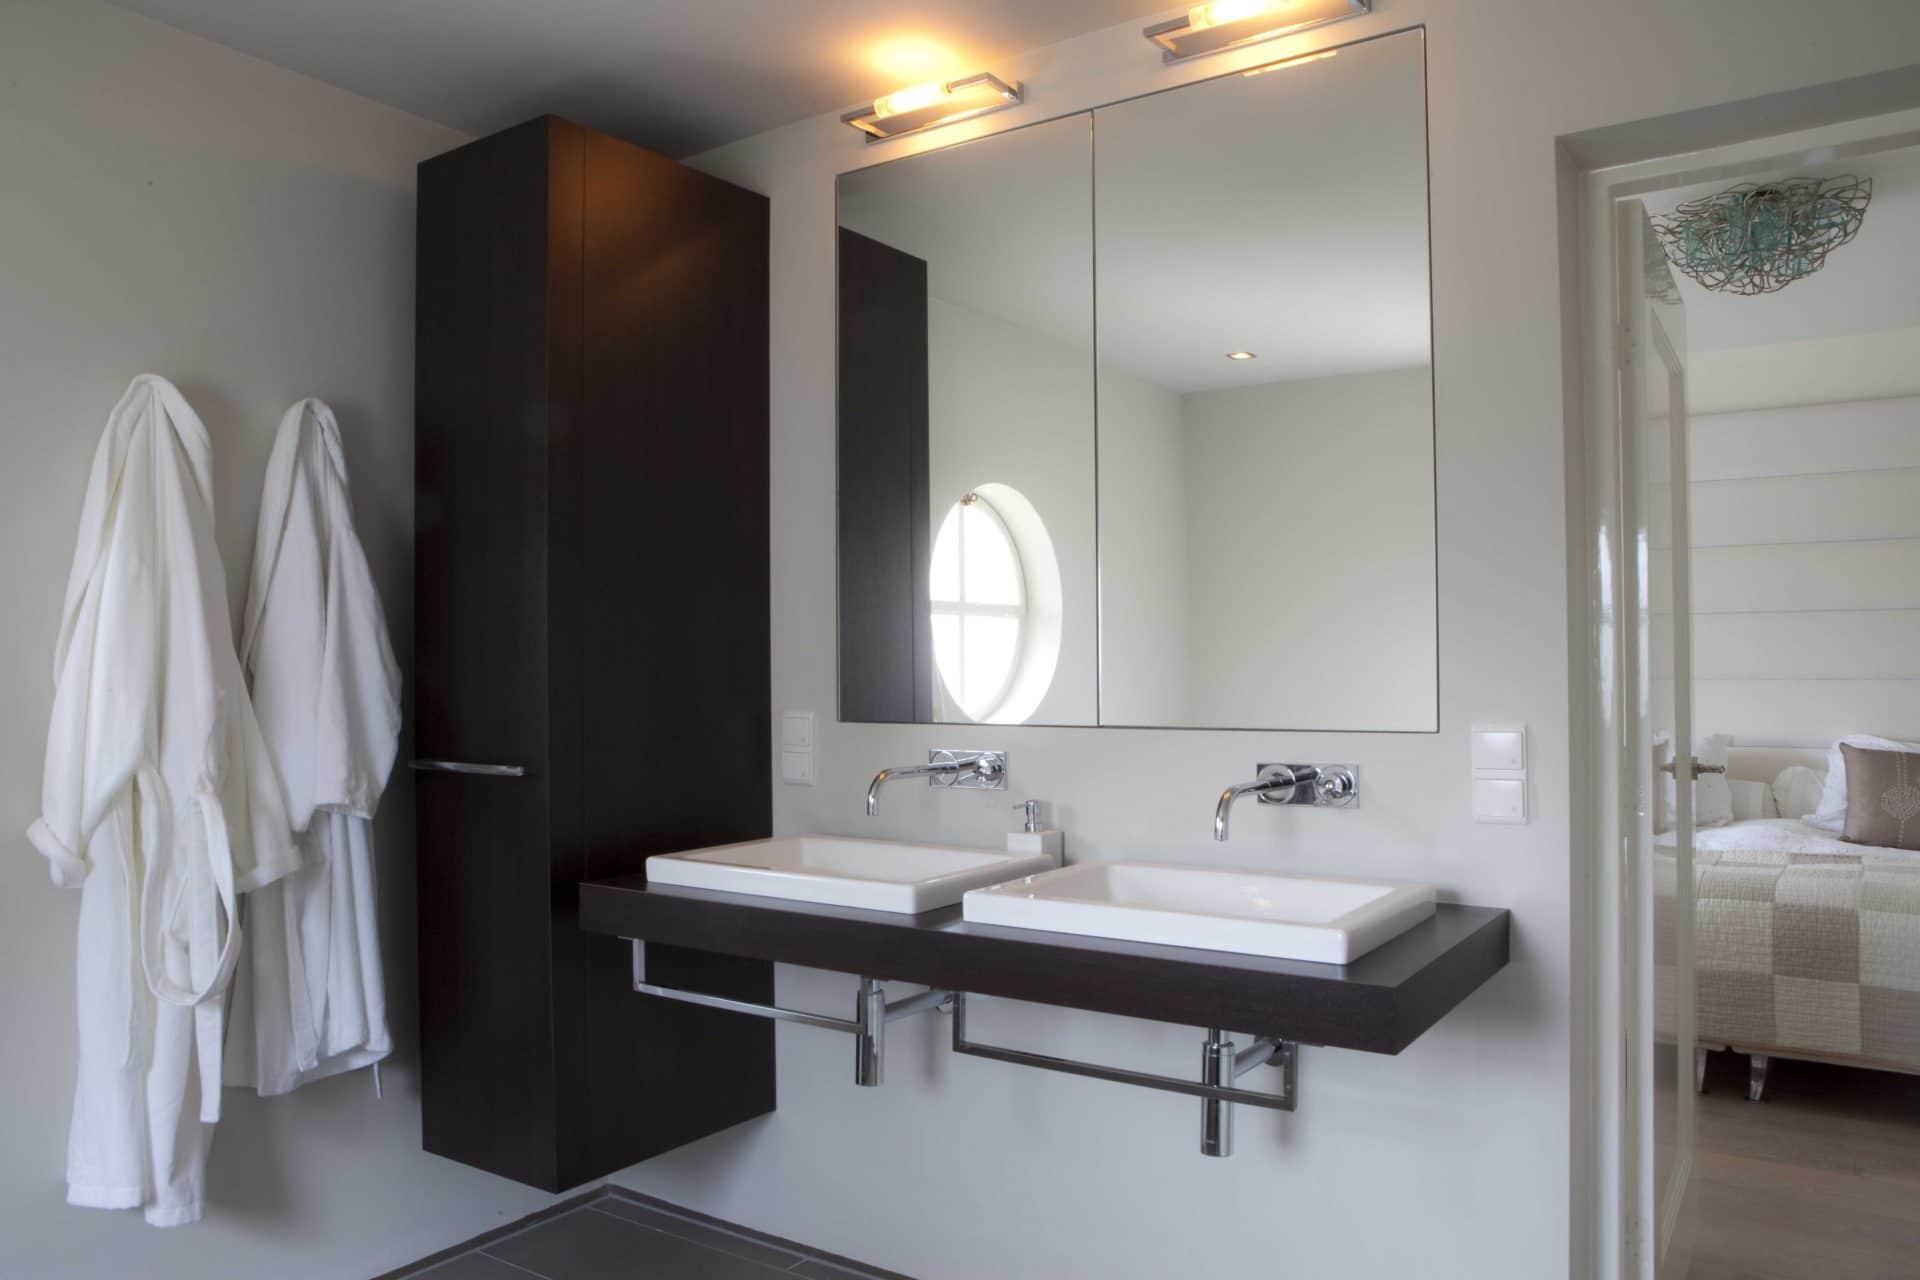 badkamer eb doorkijk ouderslaapkamer kopie